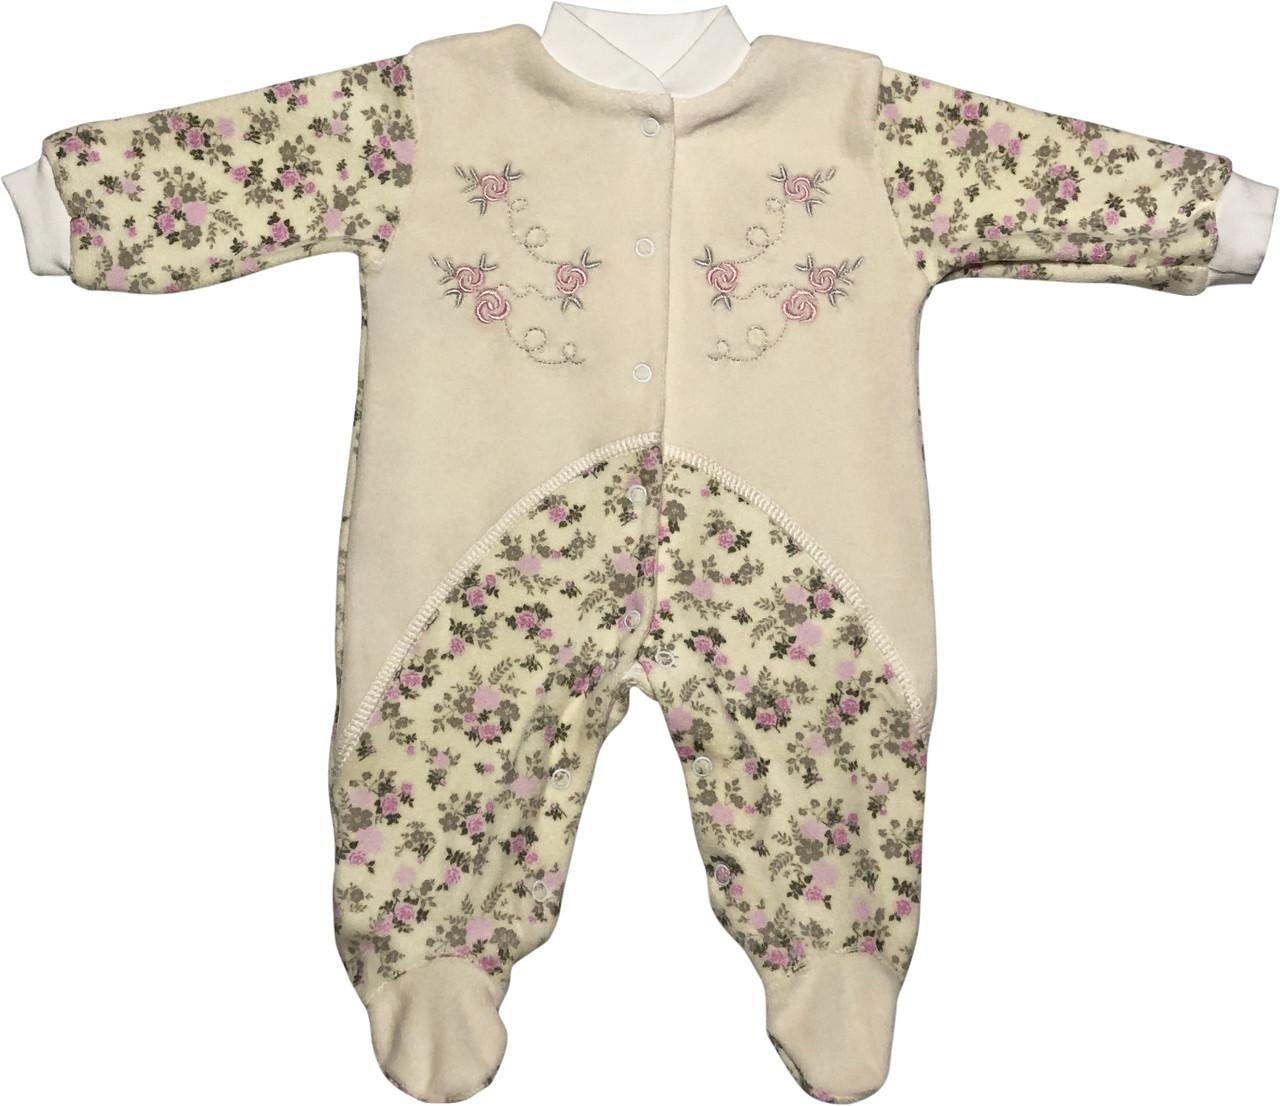 Человечек на девочку рост 62 2-3 мес для новорожденных малышей слип детский велюровый молочный